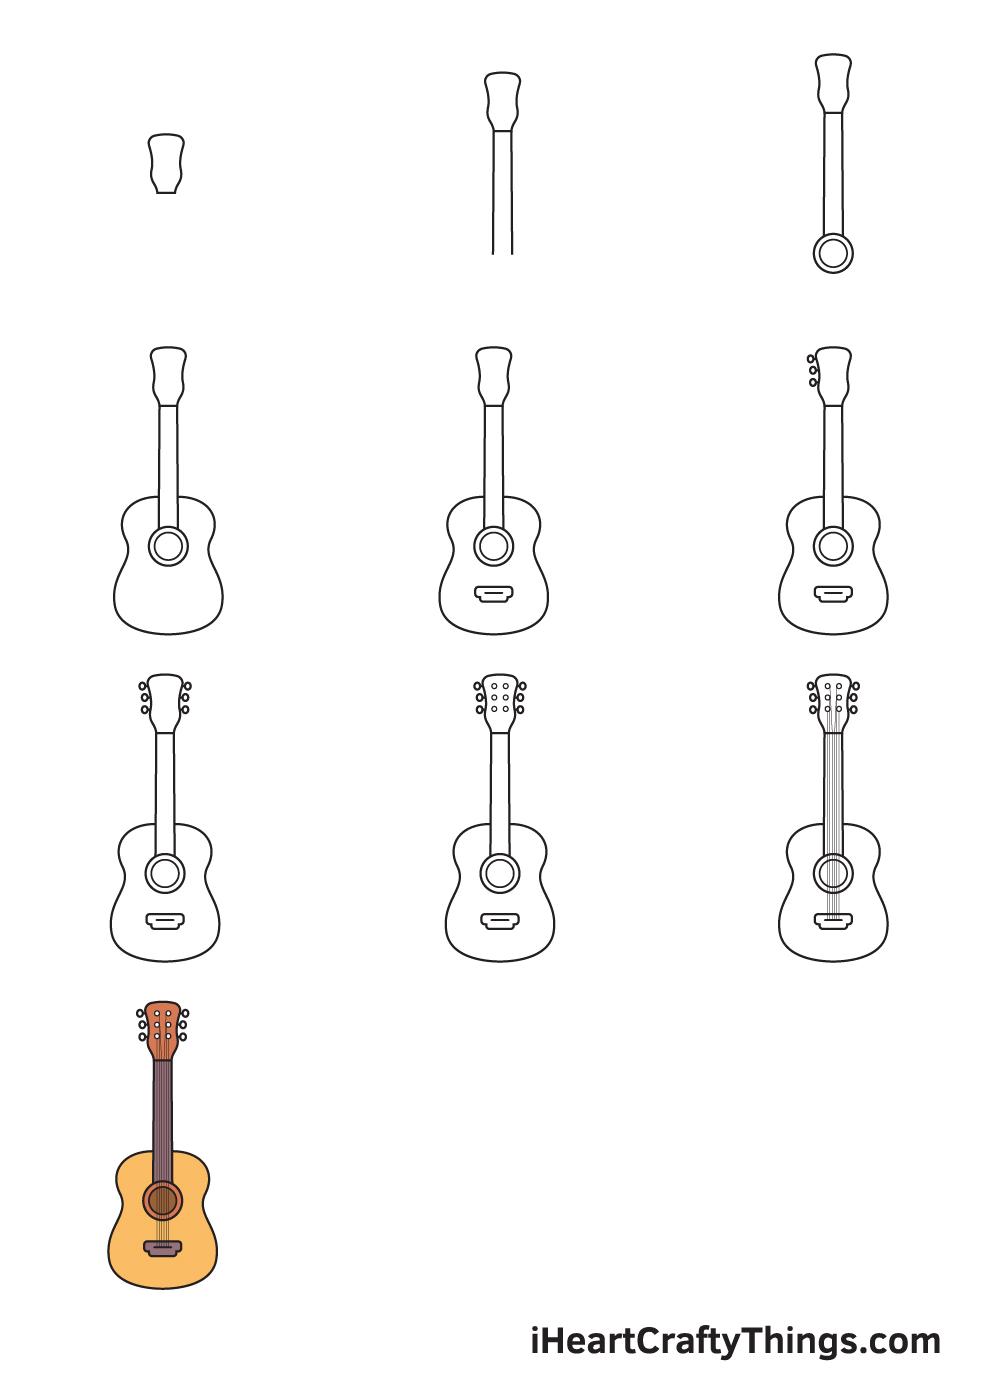 Vẽ đàn guitar trong 9 bước đơn giản